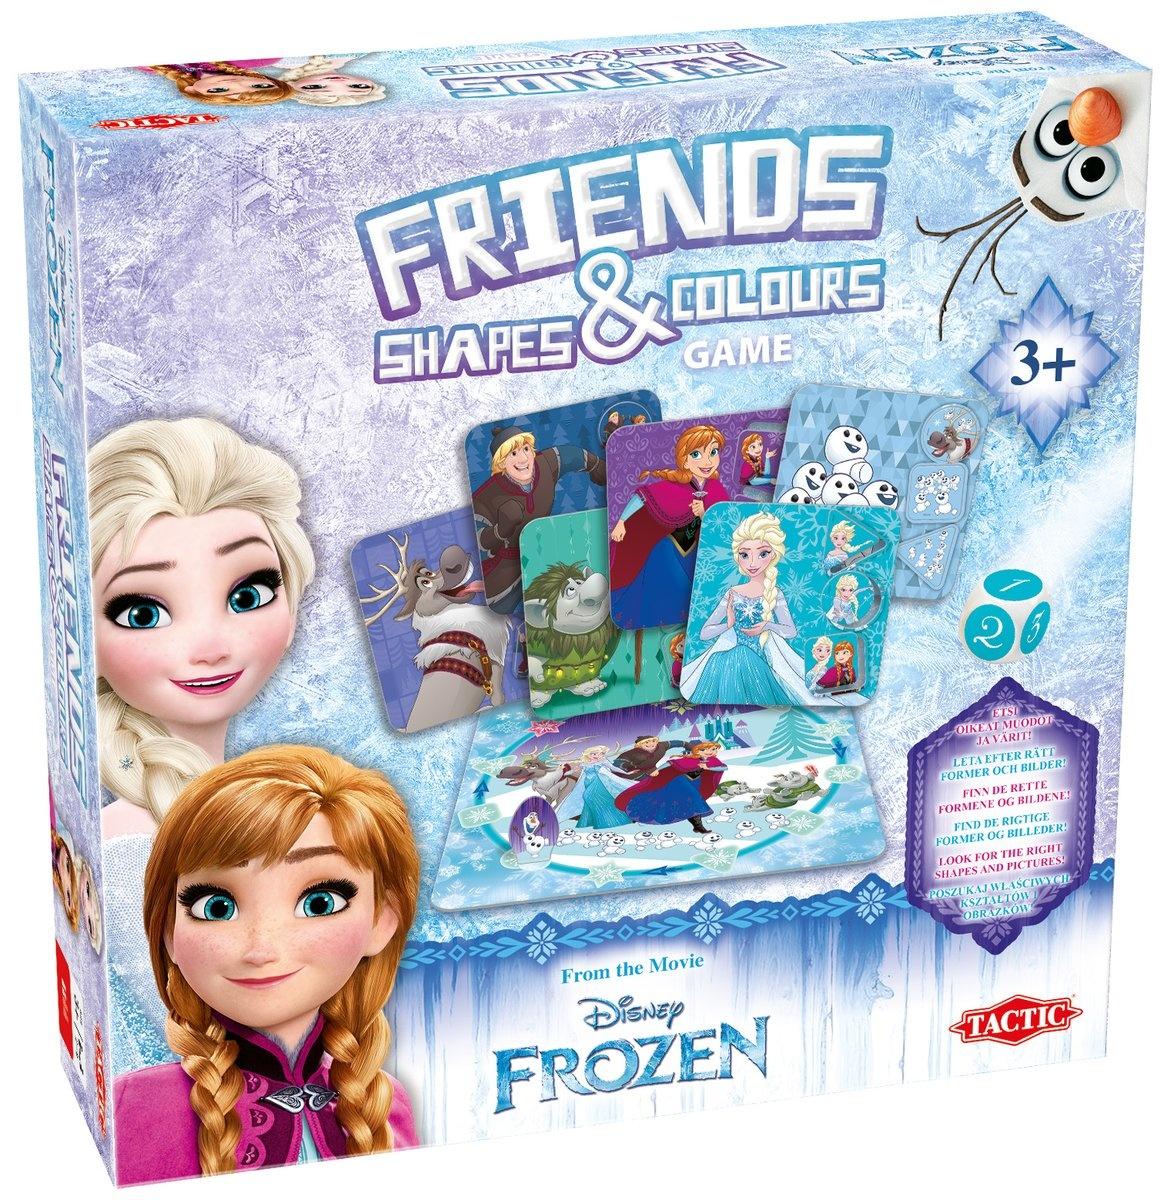 party game Frozen Friends Shapes & Colors